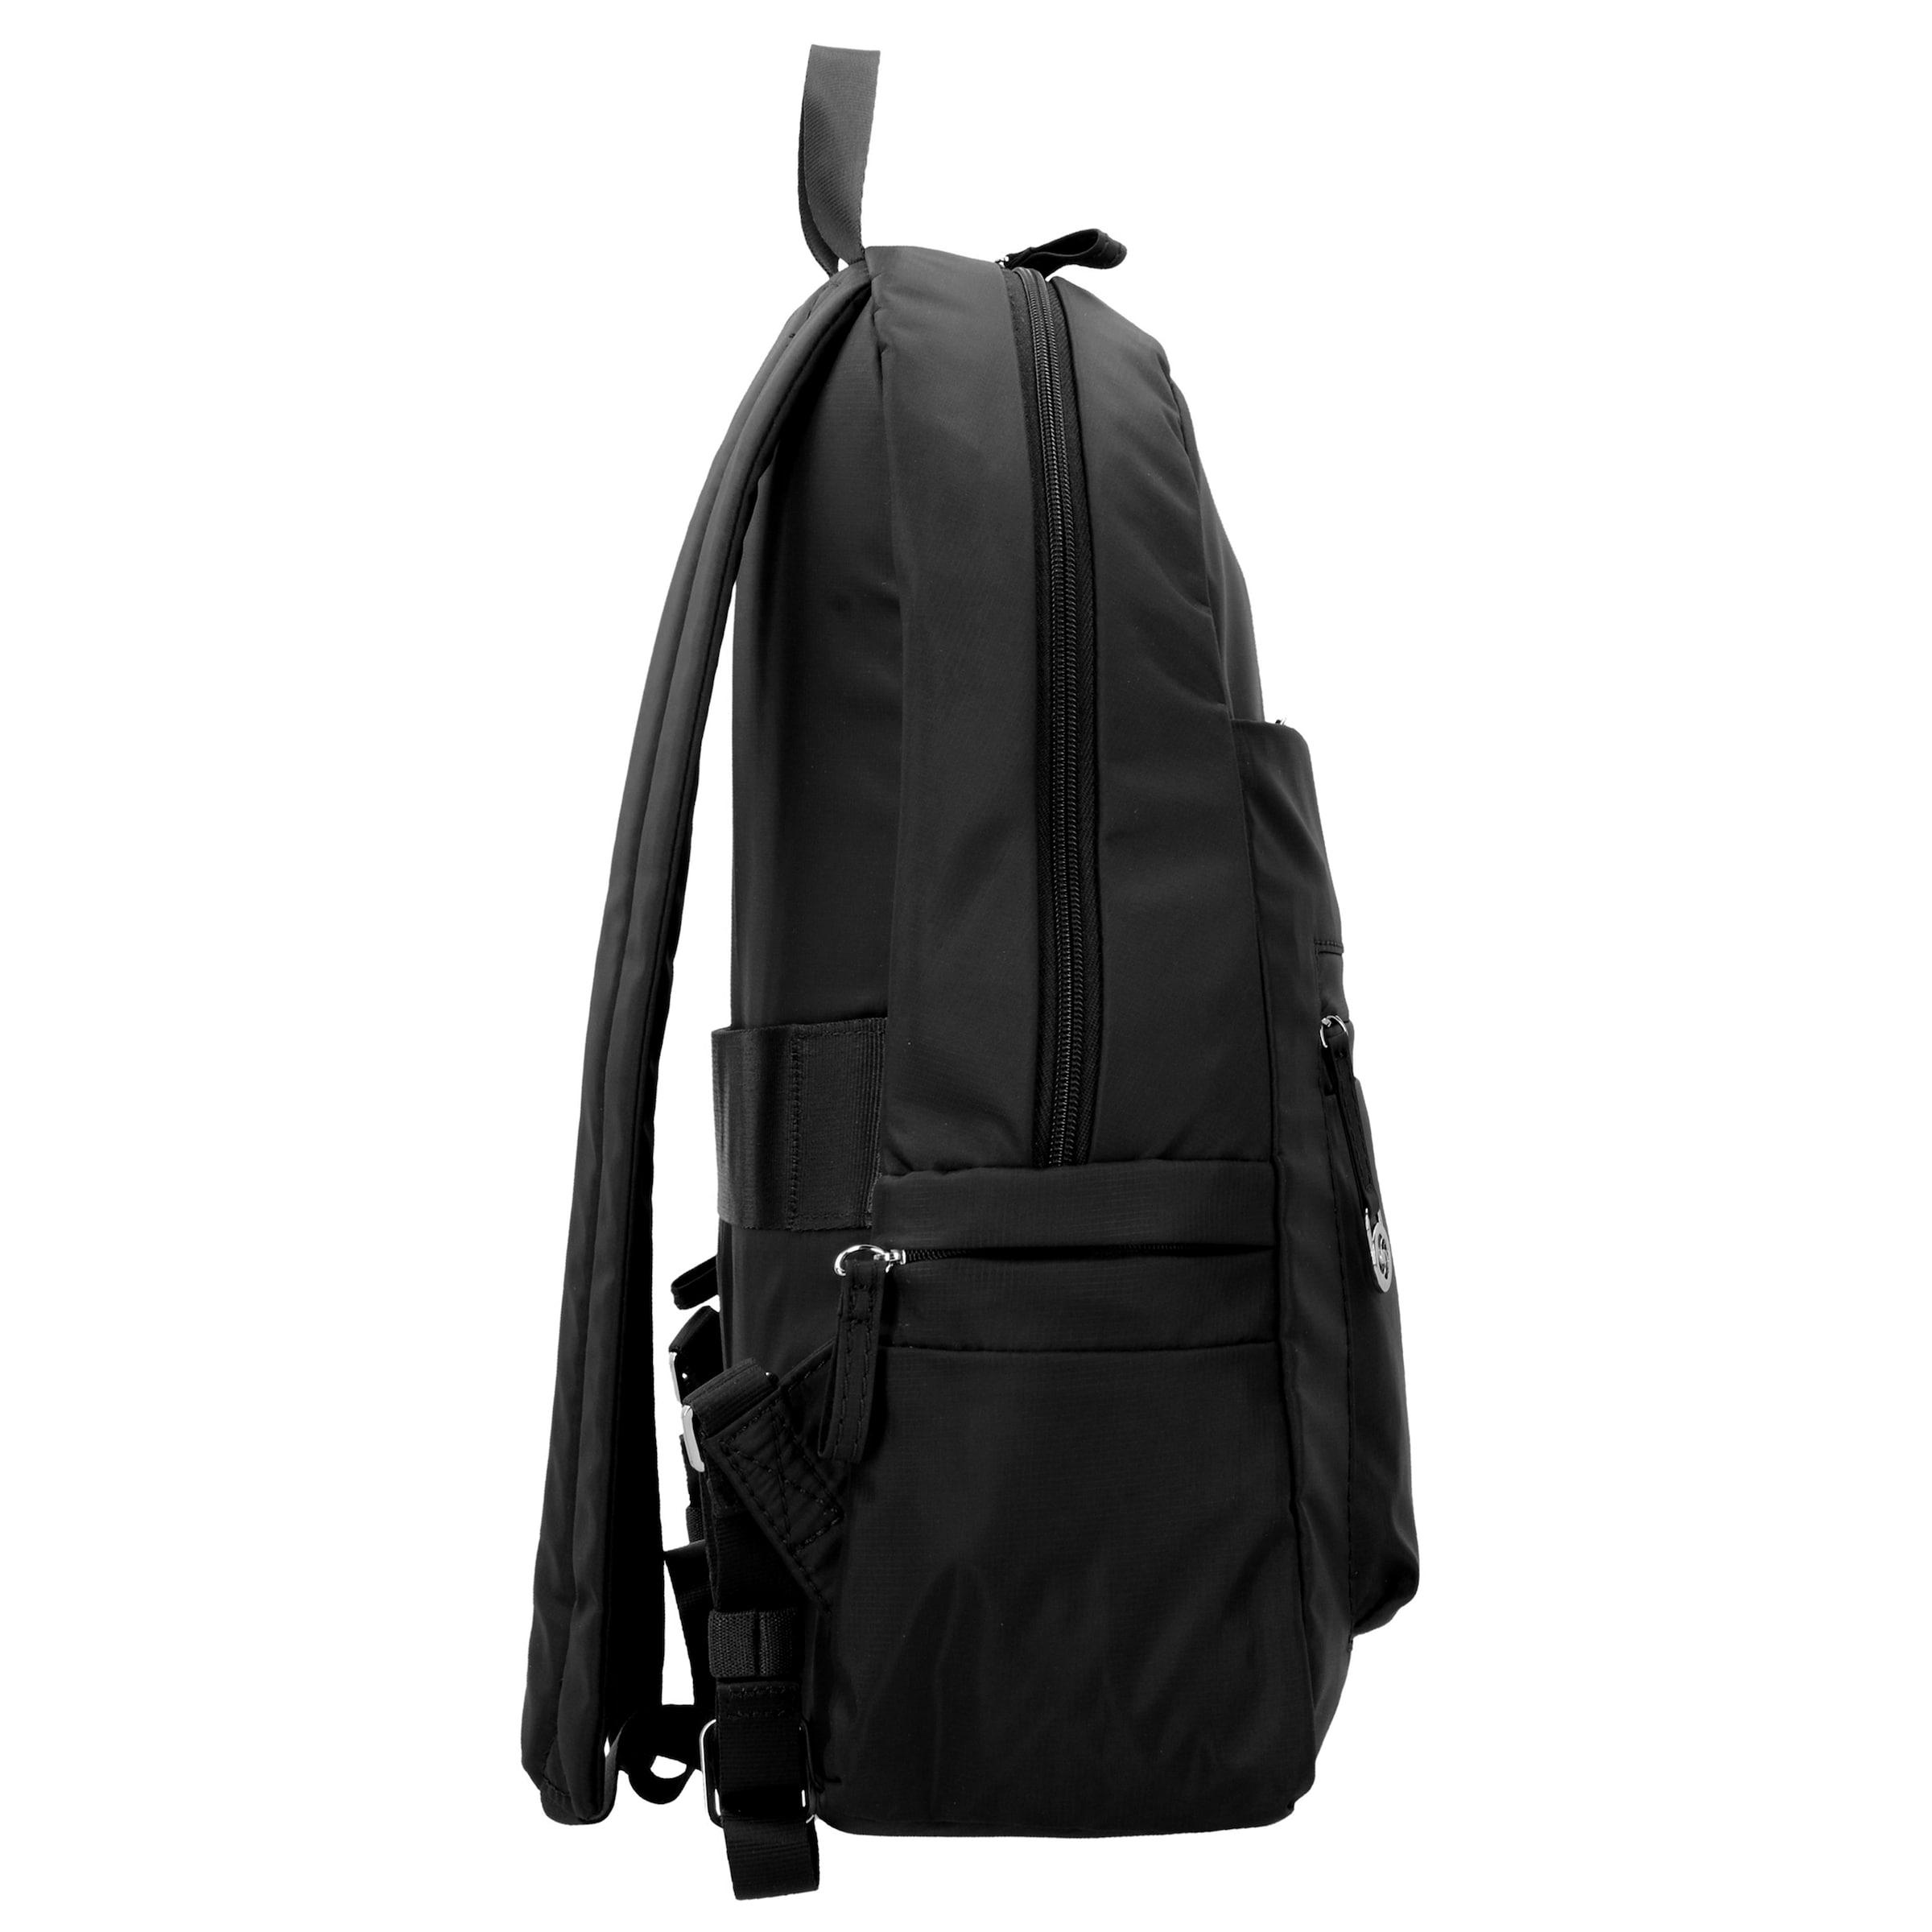 SAMSONITE Move 2.0 Rucksack 40 cm Laptopfach Verkauf Erkunden Rabatt Bestellen Kosten Günstig Online Verkauf Genießen Rabatt Offiziell LkEdY